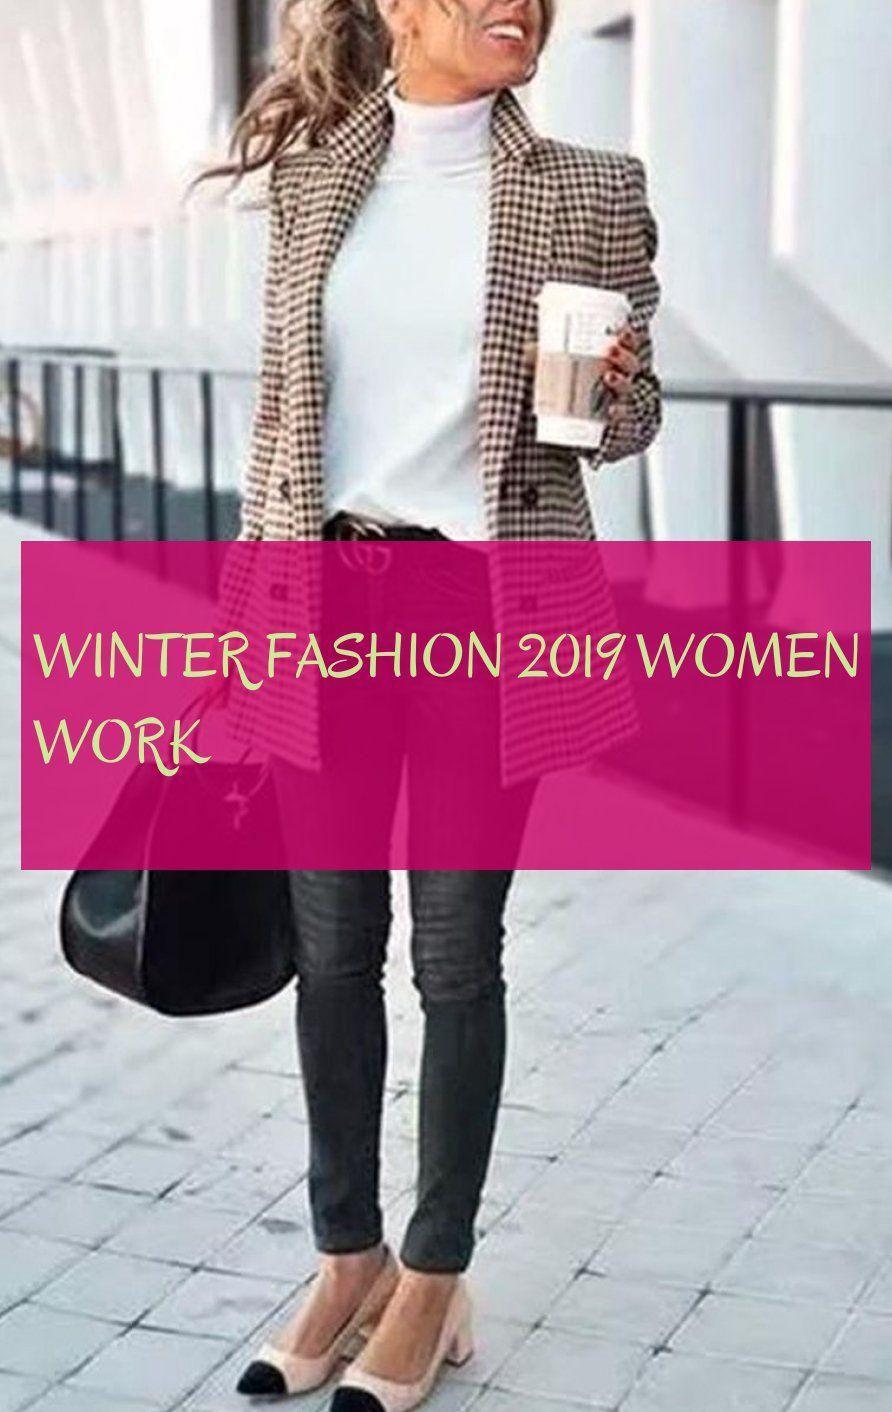 10 more winter fashion 2019 women work  wintermode 2019 frauen arbeiten winter fashion 2019 women work  Canada women winter fashion Timberlands women winter fashion Profe...